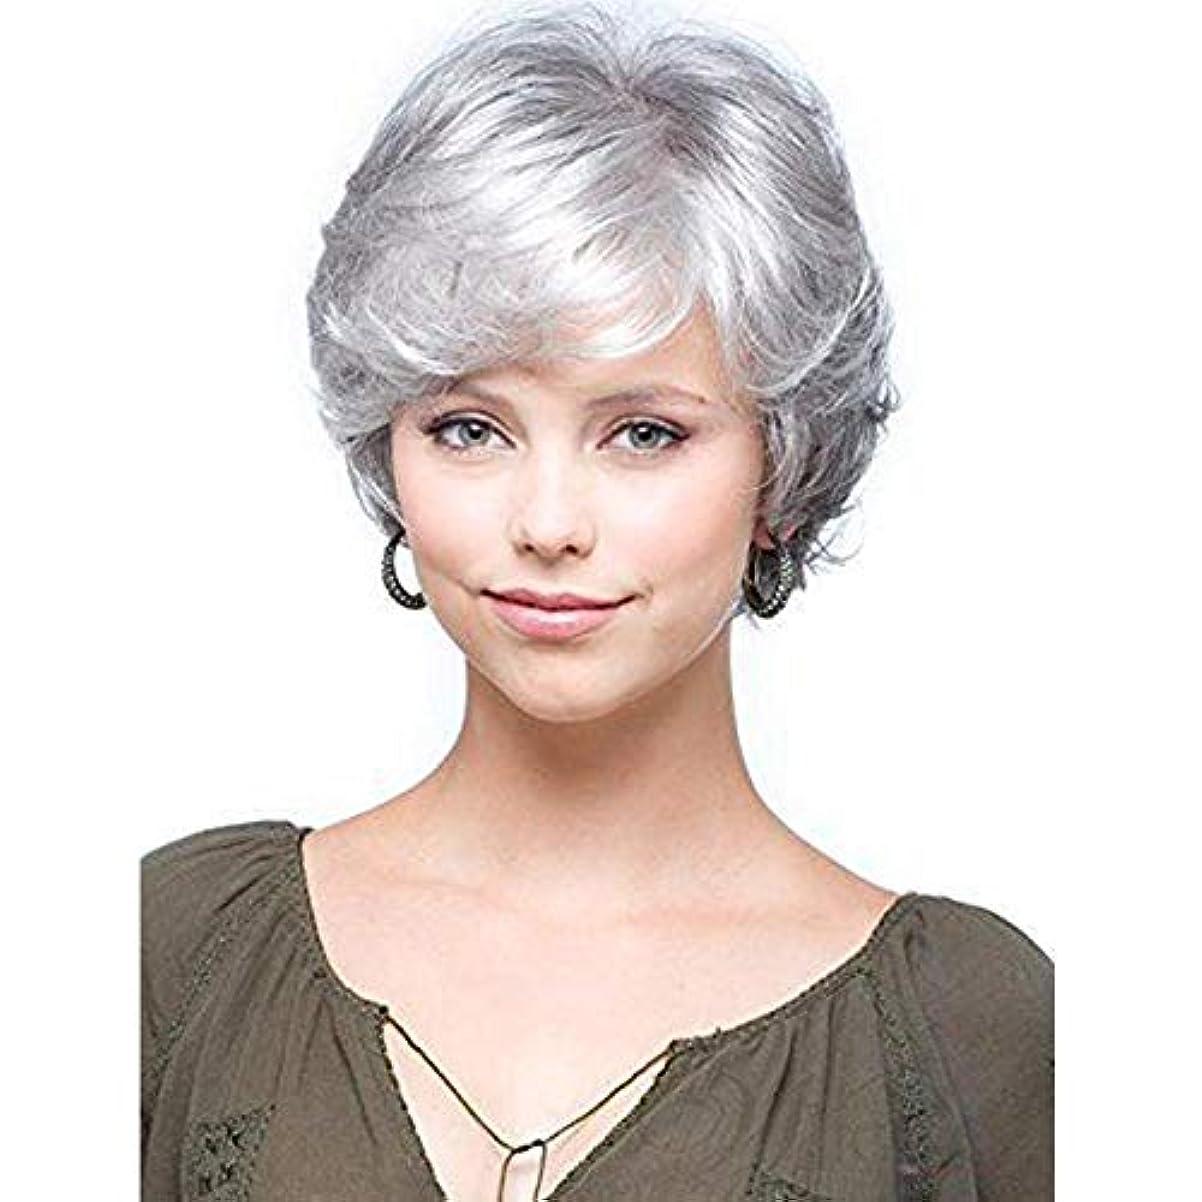 所属展望台細いWASAIO 女性の短い巻き毛のかつら古い中年女性のシルバーグレーの短い髪 (色 : グレー)